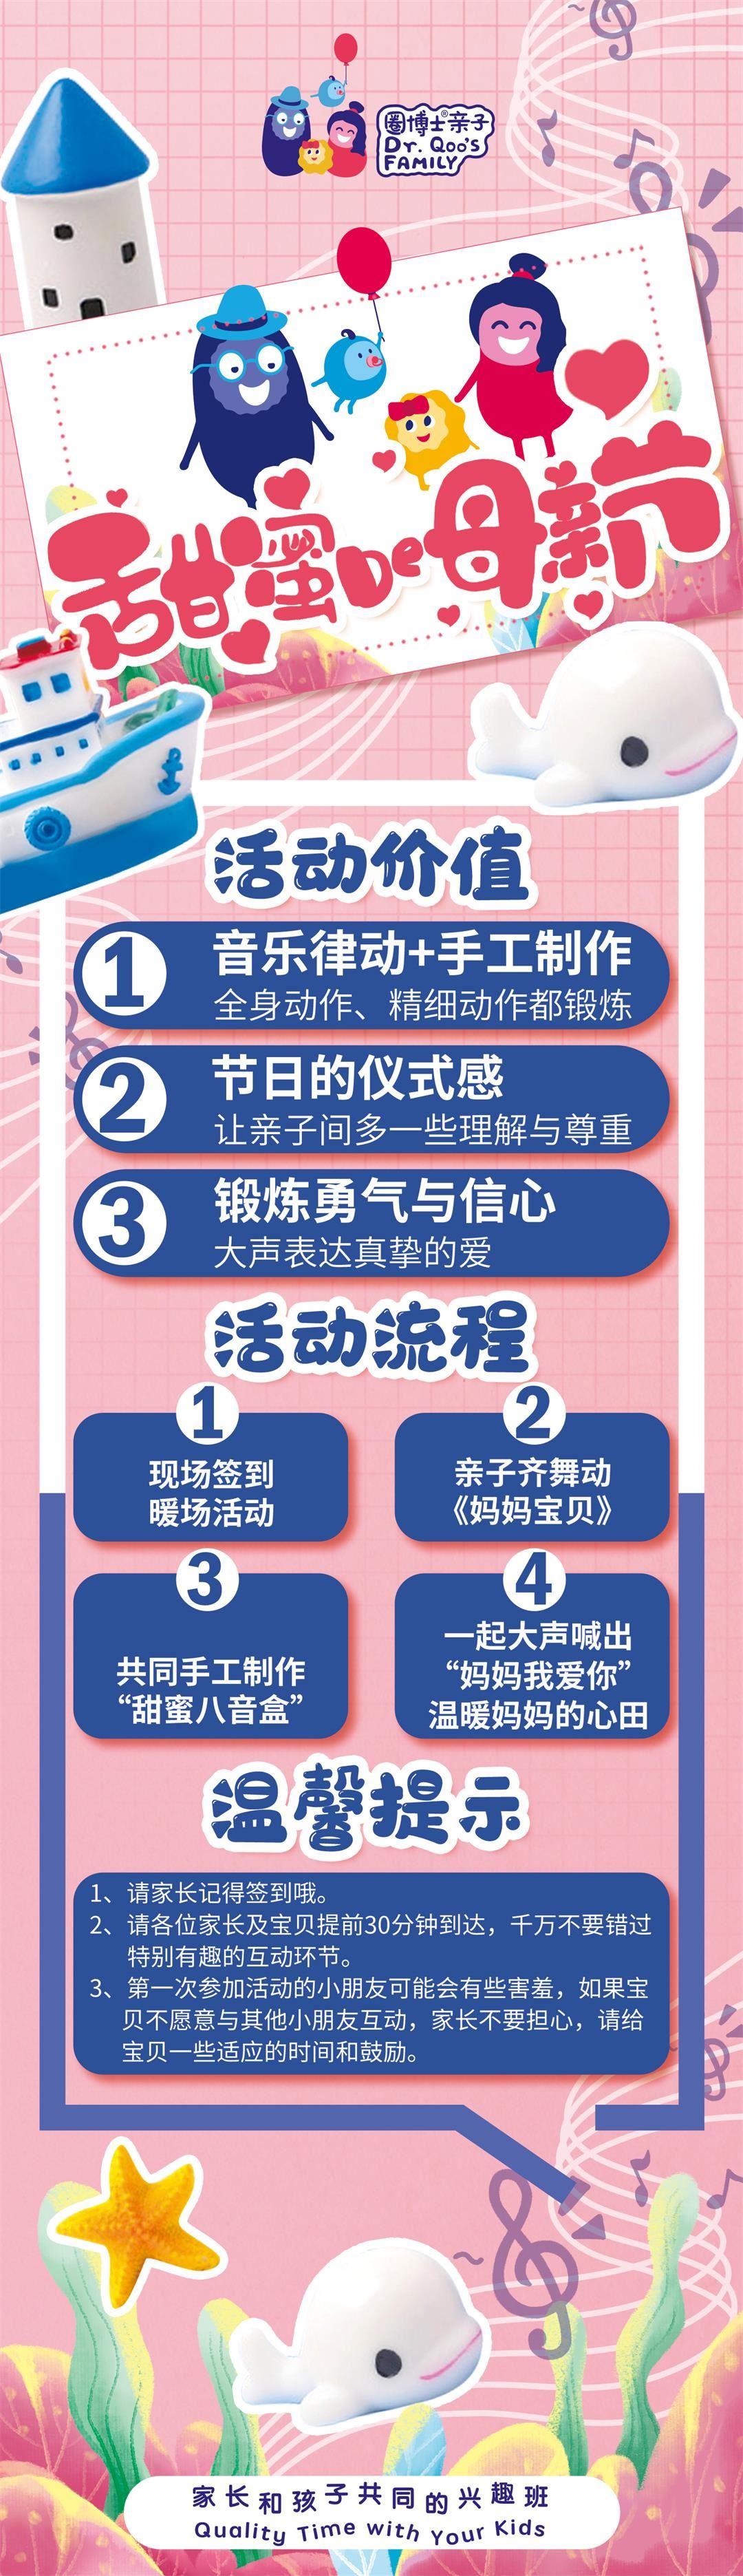 甜蜜的母亲节详情图cmyk(郑州)(3).jpg